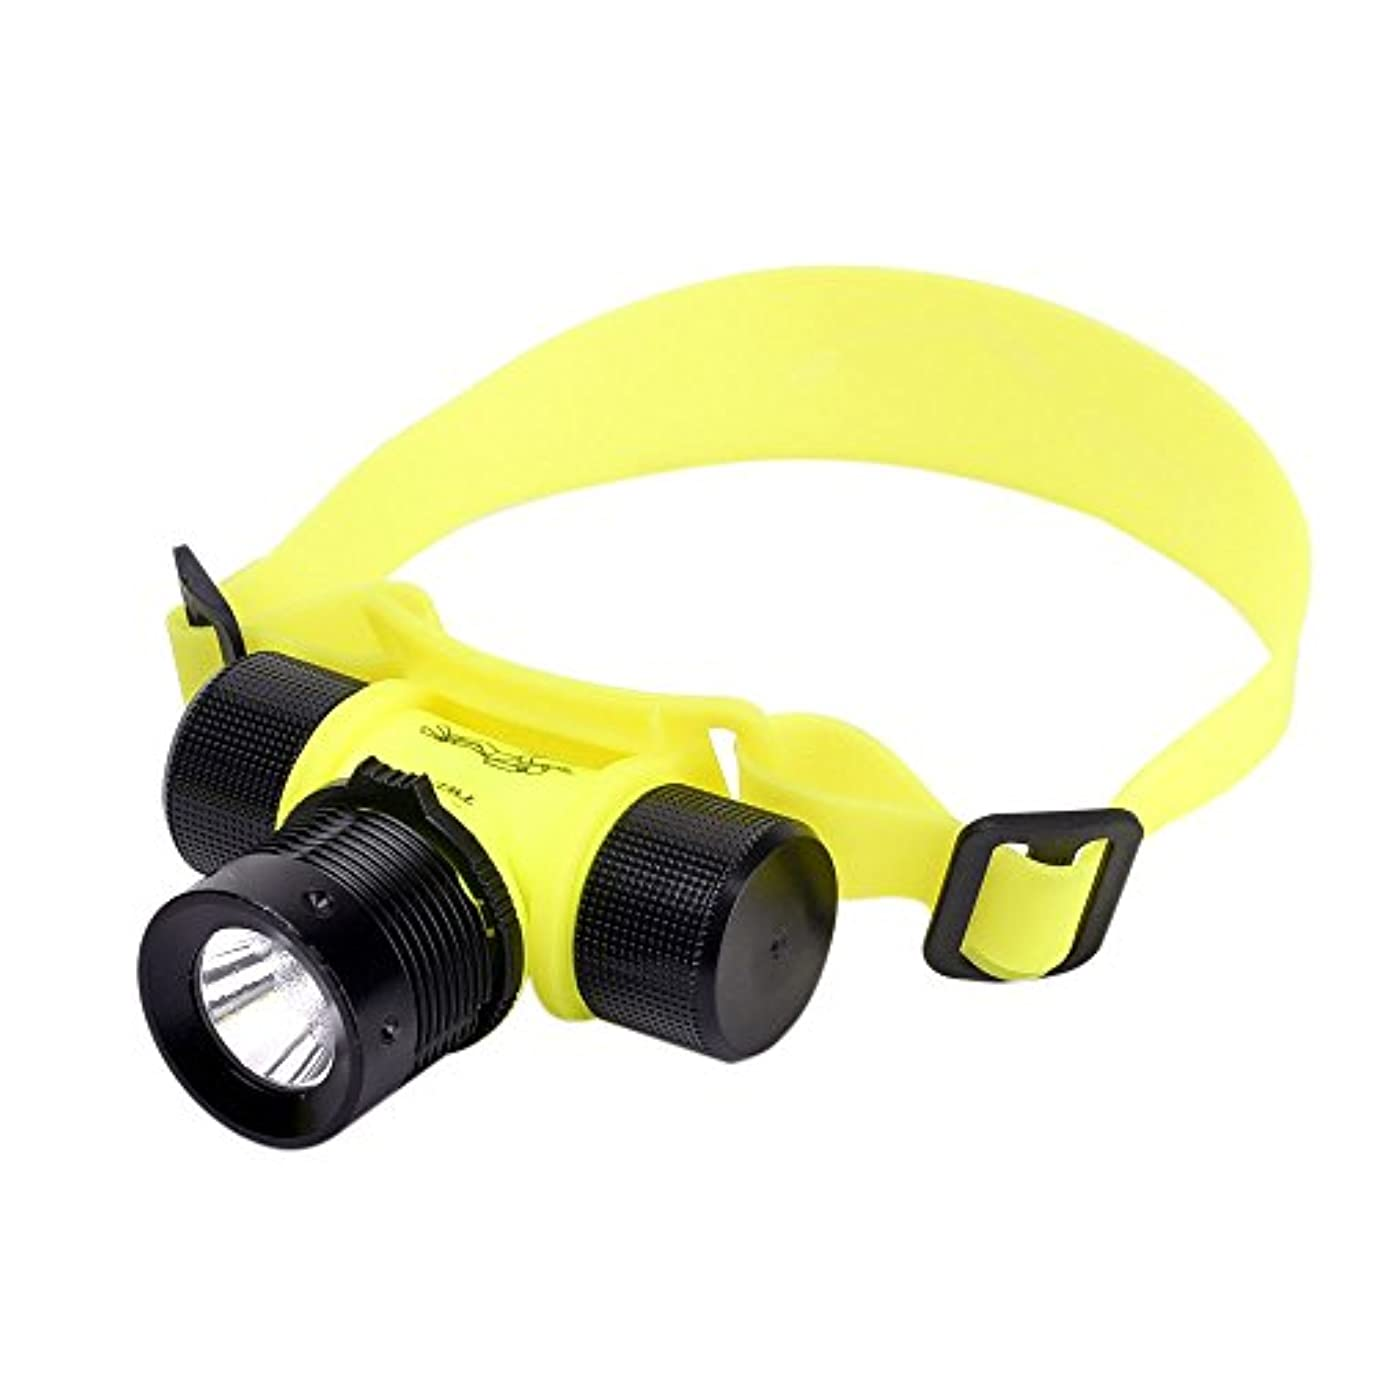 同一性にぎやかメーターLEDヘッドライト 充電式水中ヘッドランプ前面懐中電灯LED作業ヘッドライト軽量ダイビングヘッドランプスキューバダイビングトーチライト LEDヘッドランプ